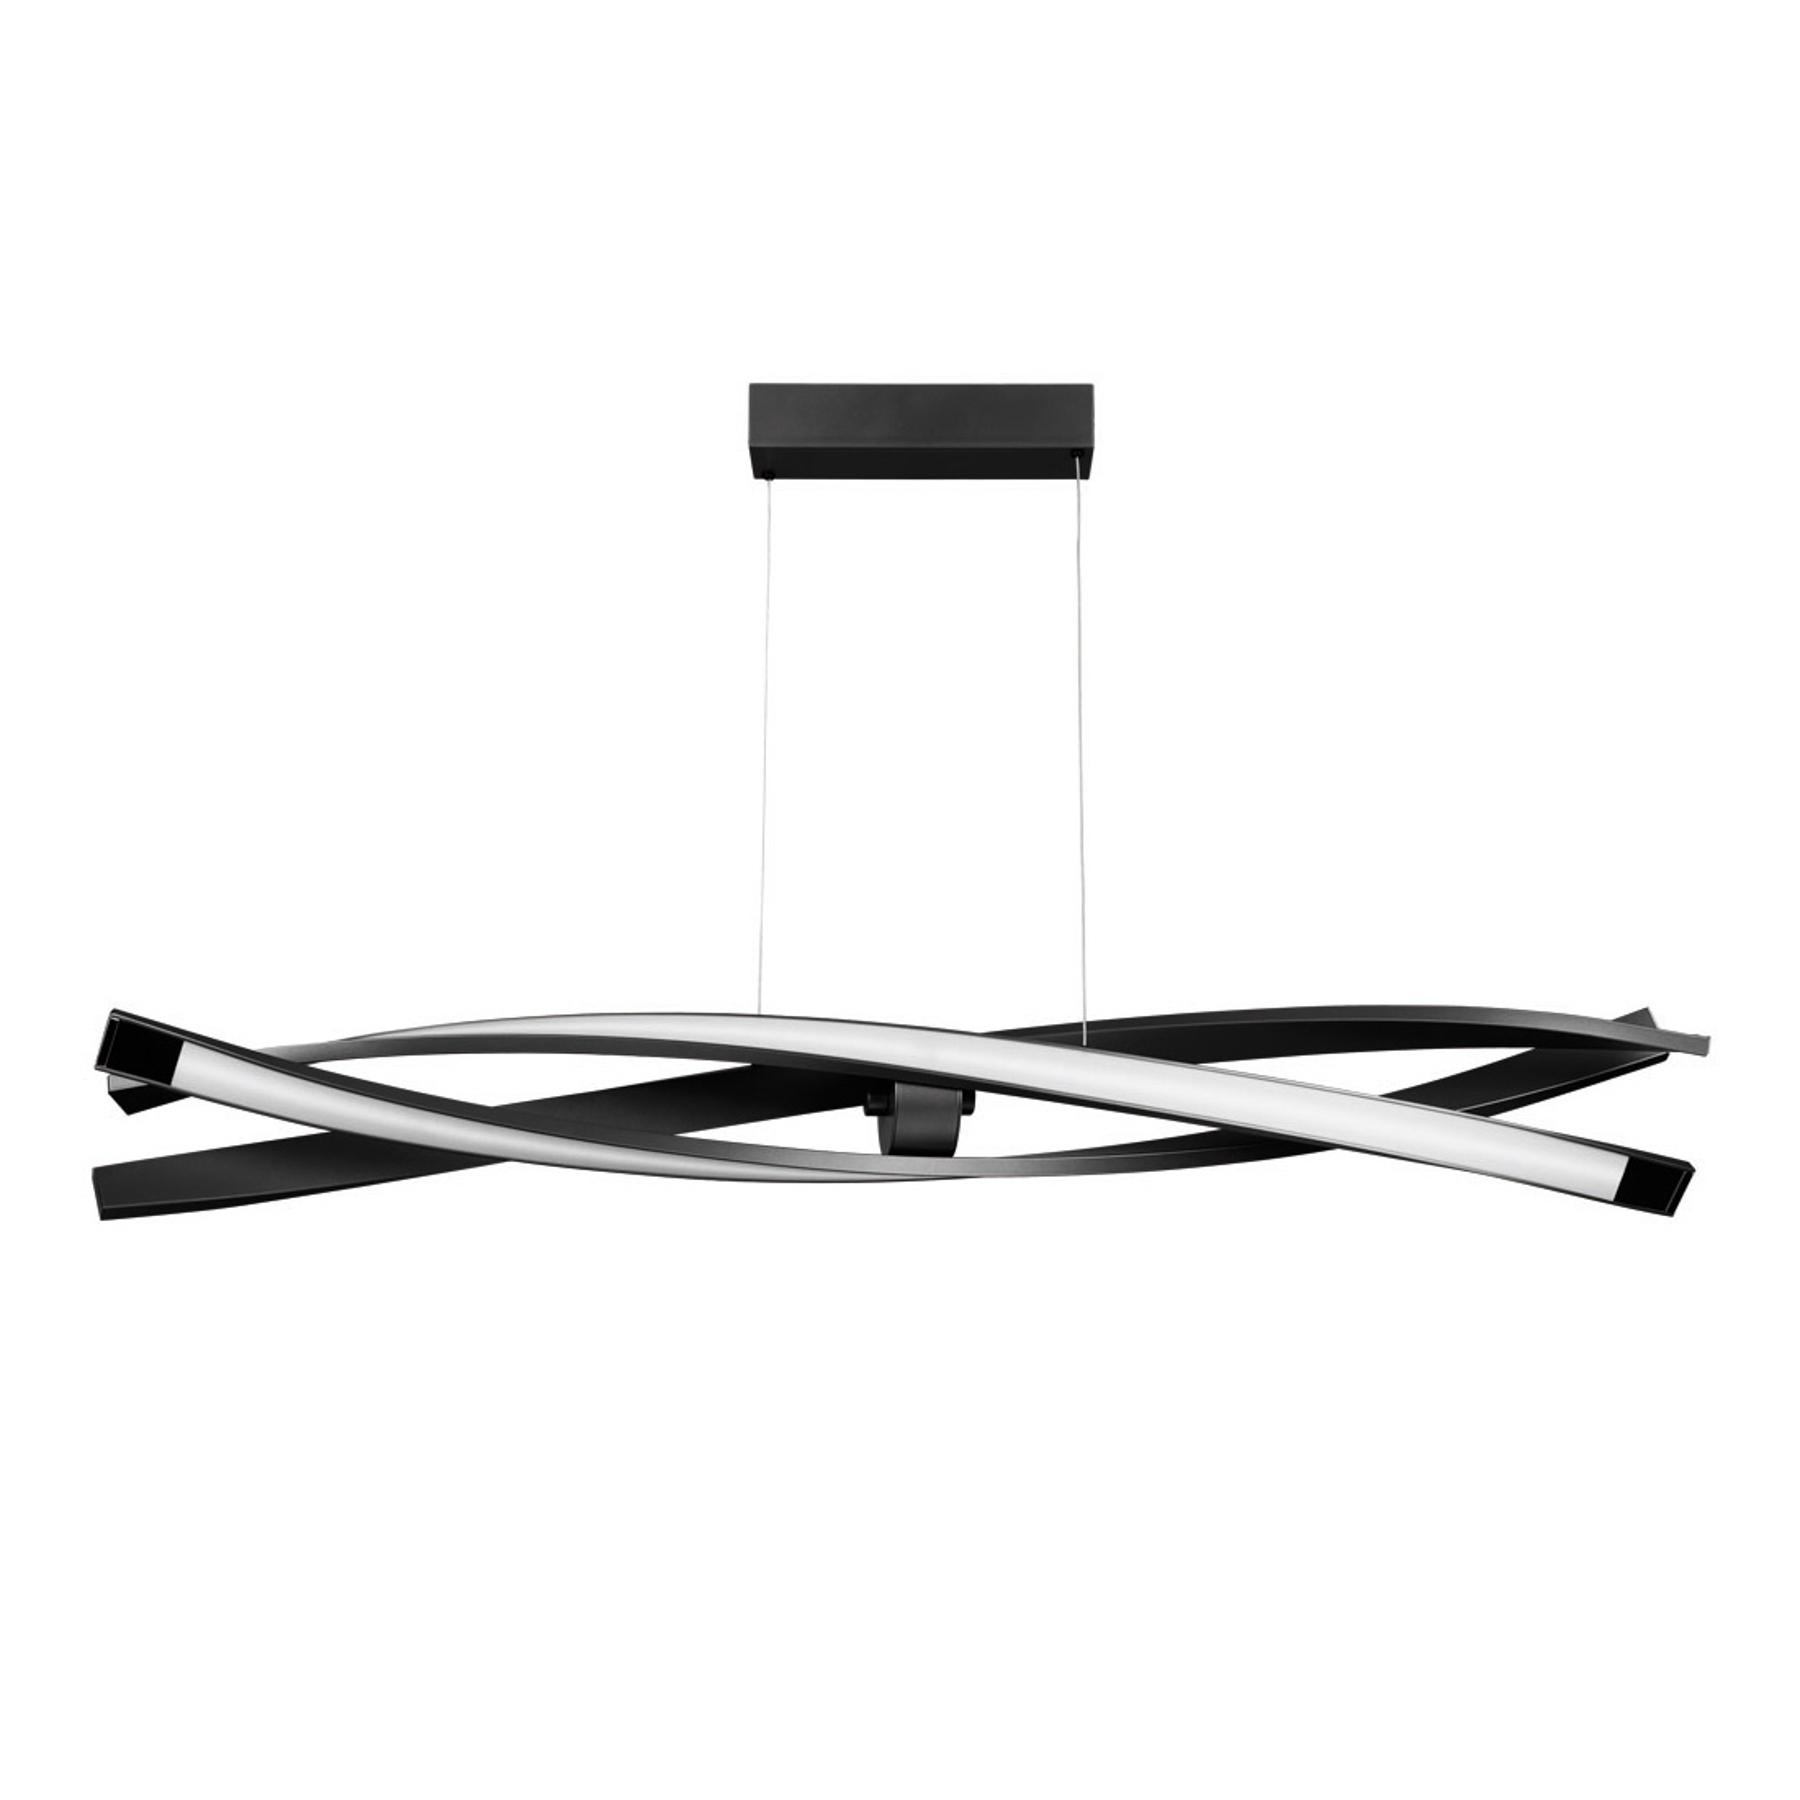 LED-riippuvalaisin Sagitta, 3-lamppuinen, musta